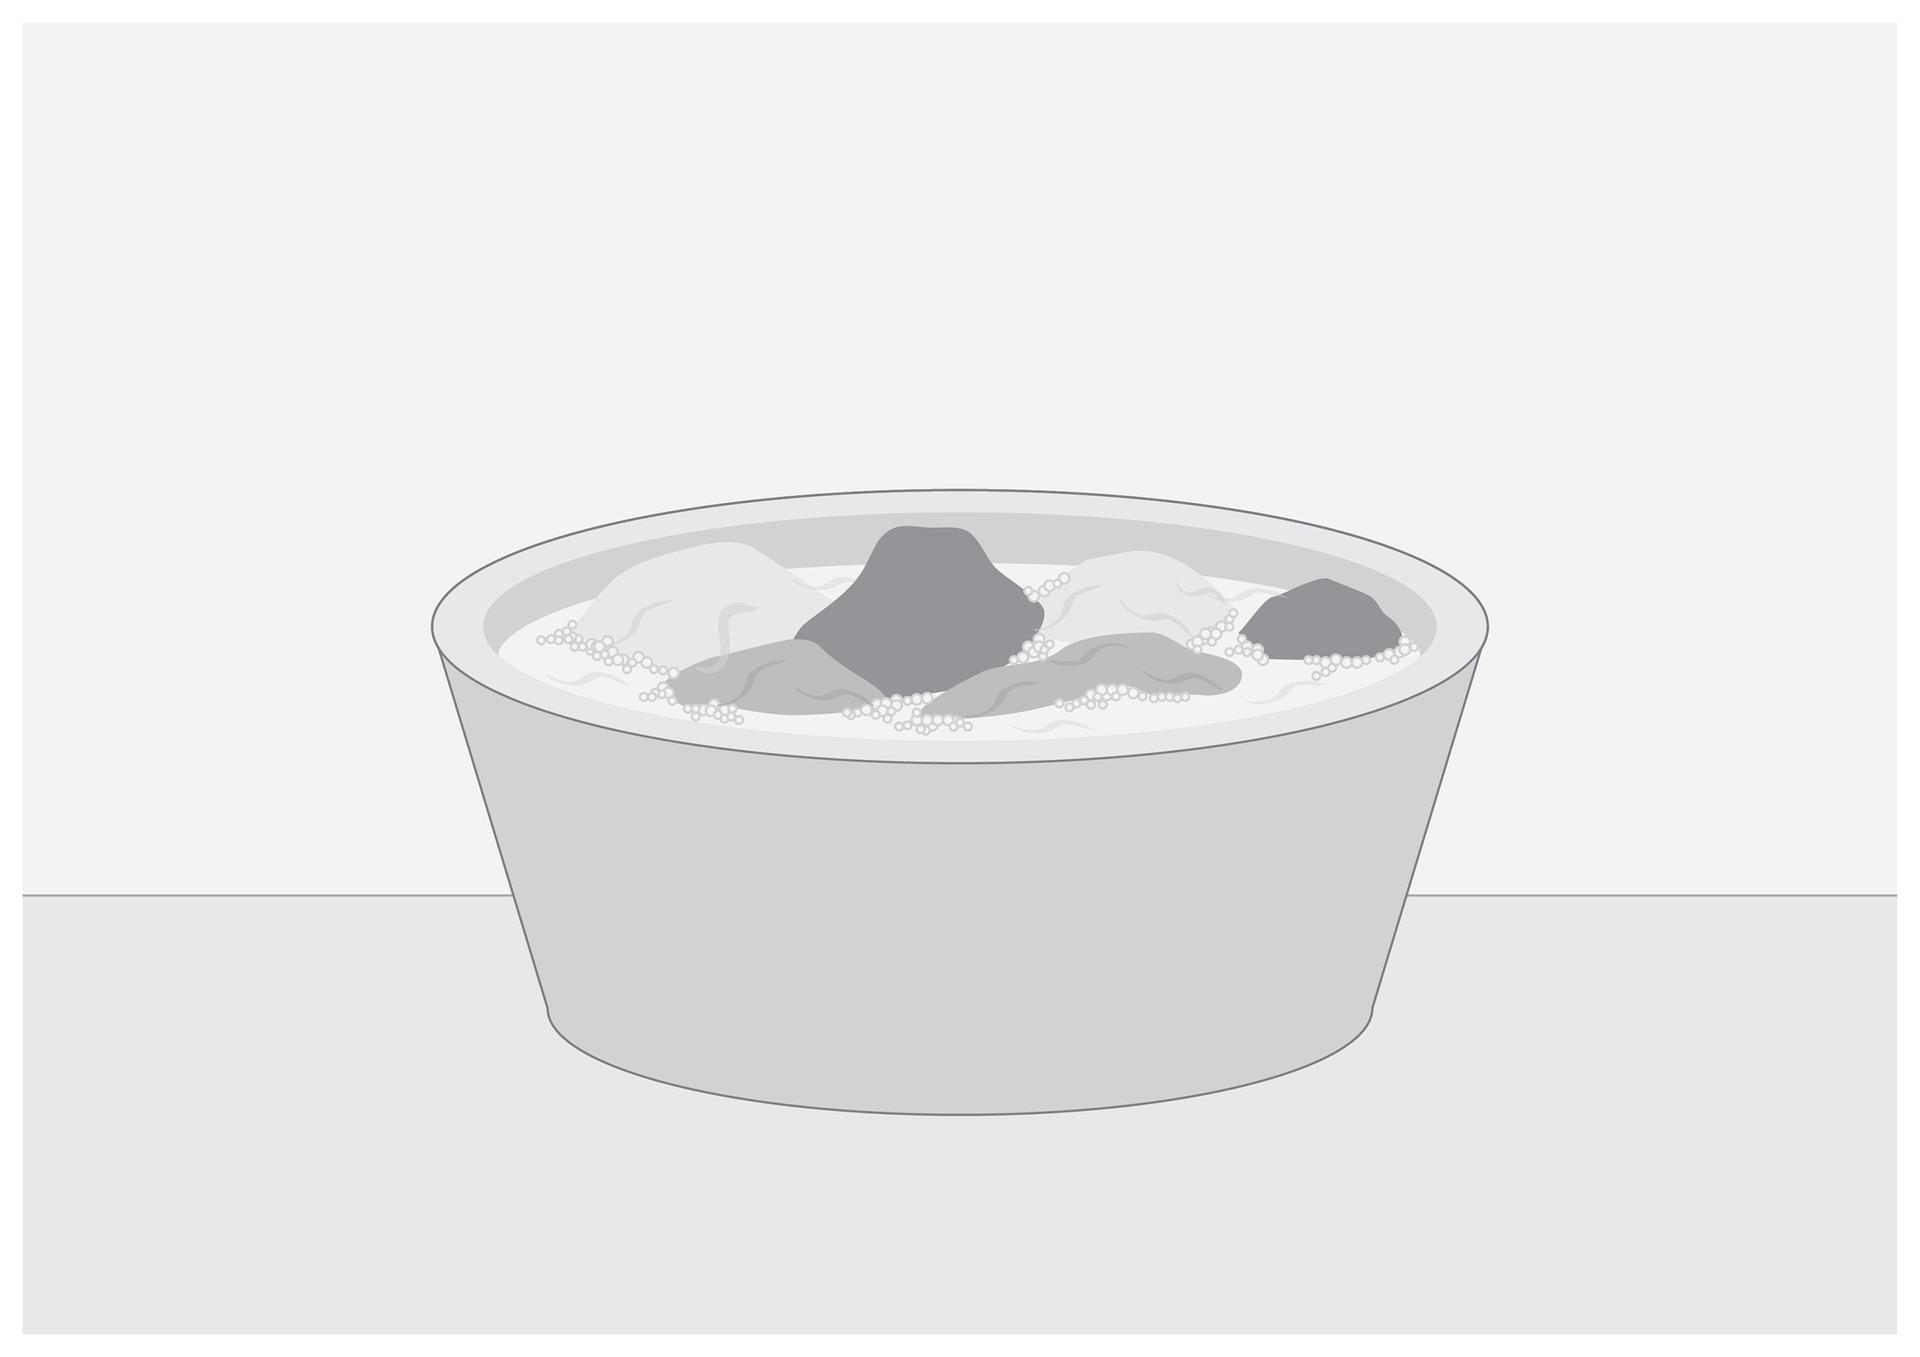 Ósma ilustracja wgalerii. Przedstawia czarno biały rysunek miski zwodą iznajdującym się wniej praniem ręcznym.